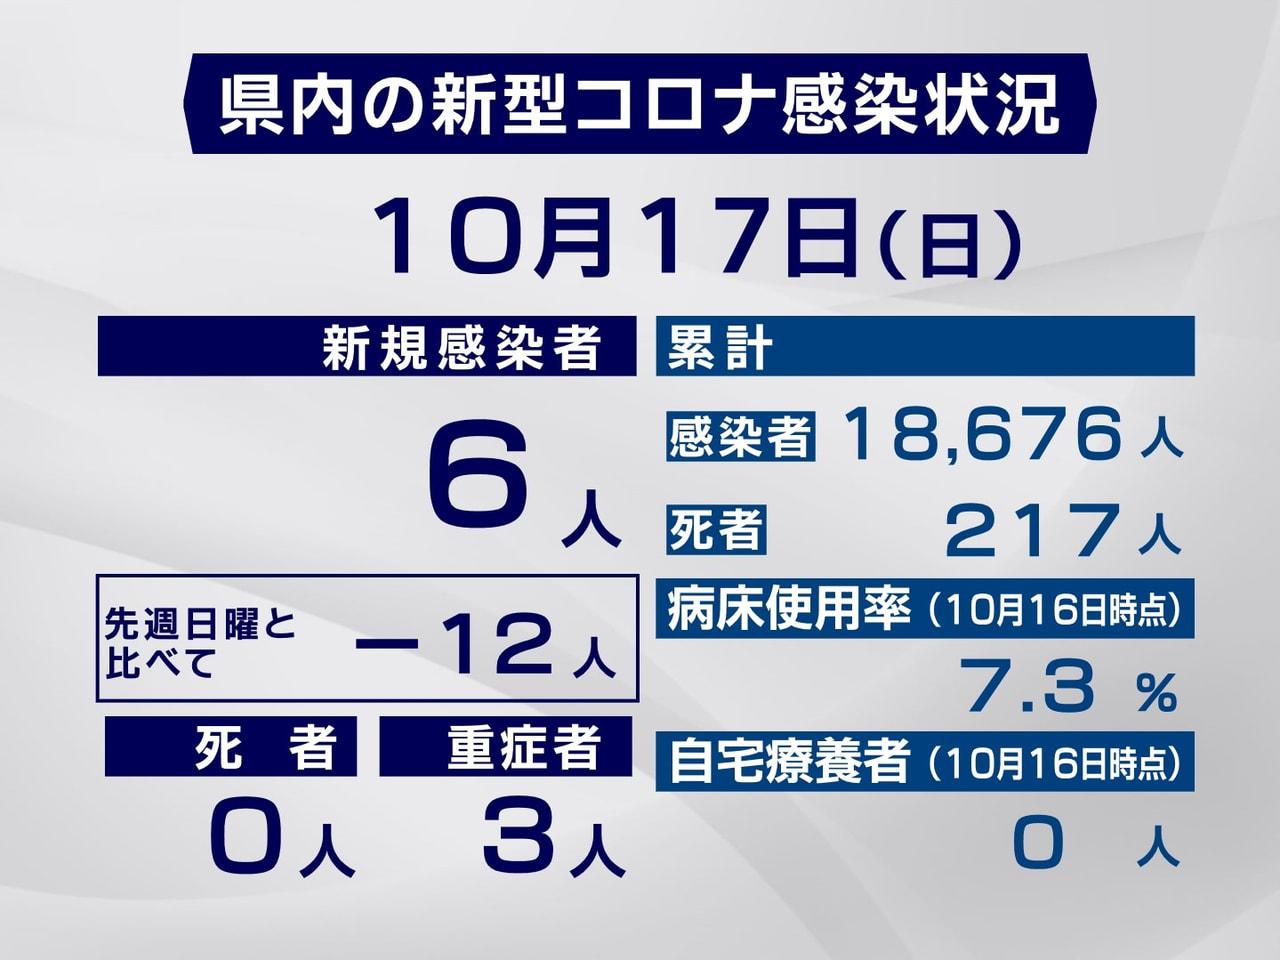 岐阜県と岐阜市は17日、新型コロナウイルスの感染者が新たに6人確認されたと発表し...